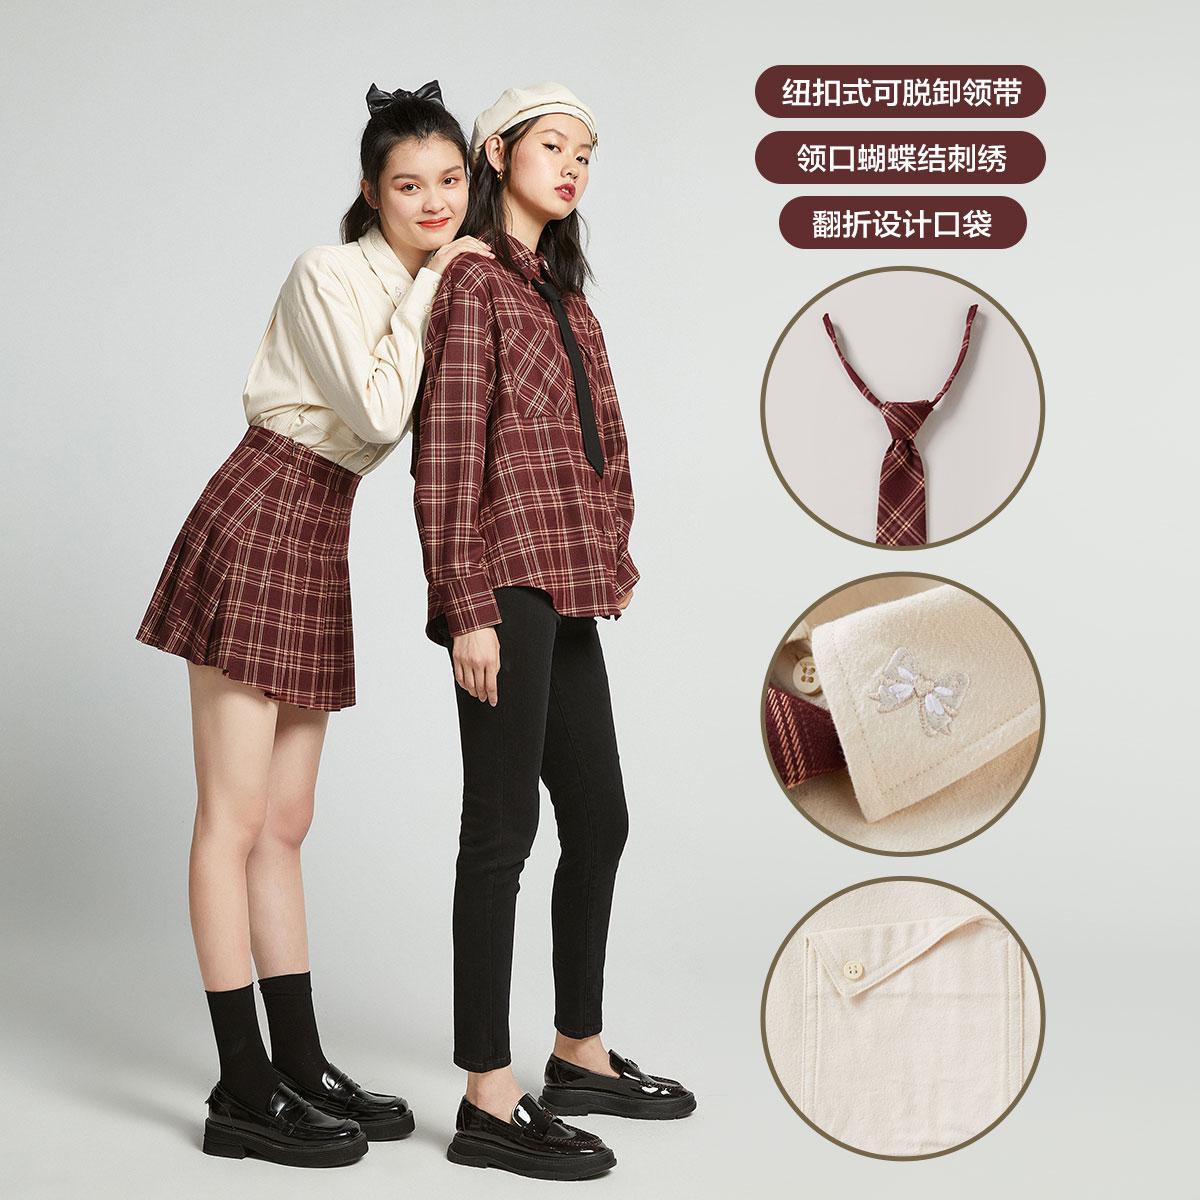 太平鸟 2020秋季新款 两穿设计感小众 宽松休闲格子衬衫